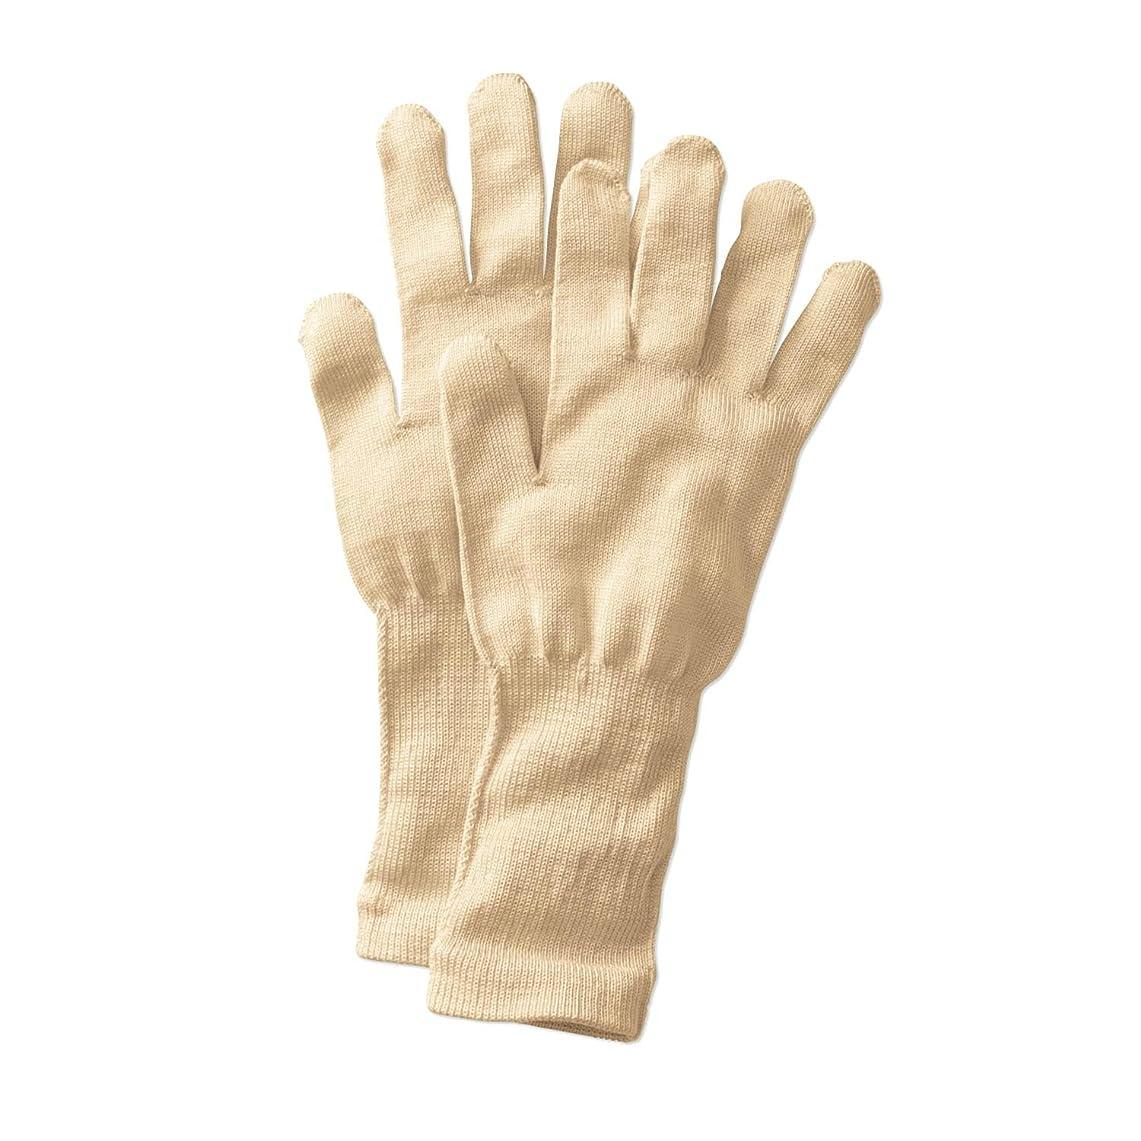 従事したアーサー反動[ベルメゾン] 手袋 シルク 冷え取り おやすみ あったか /冷えとり日和365 クリーム